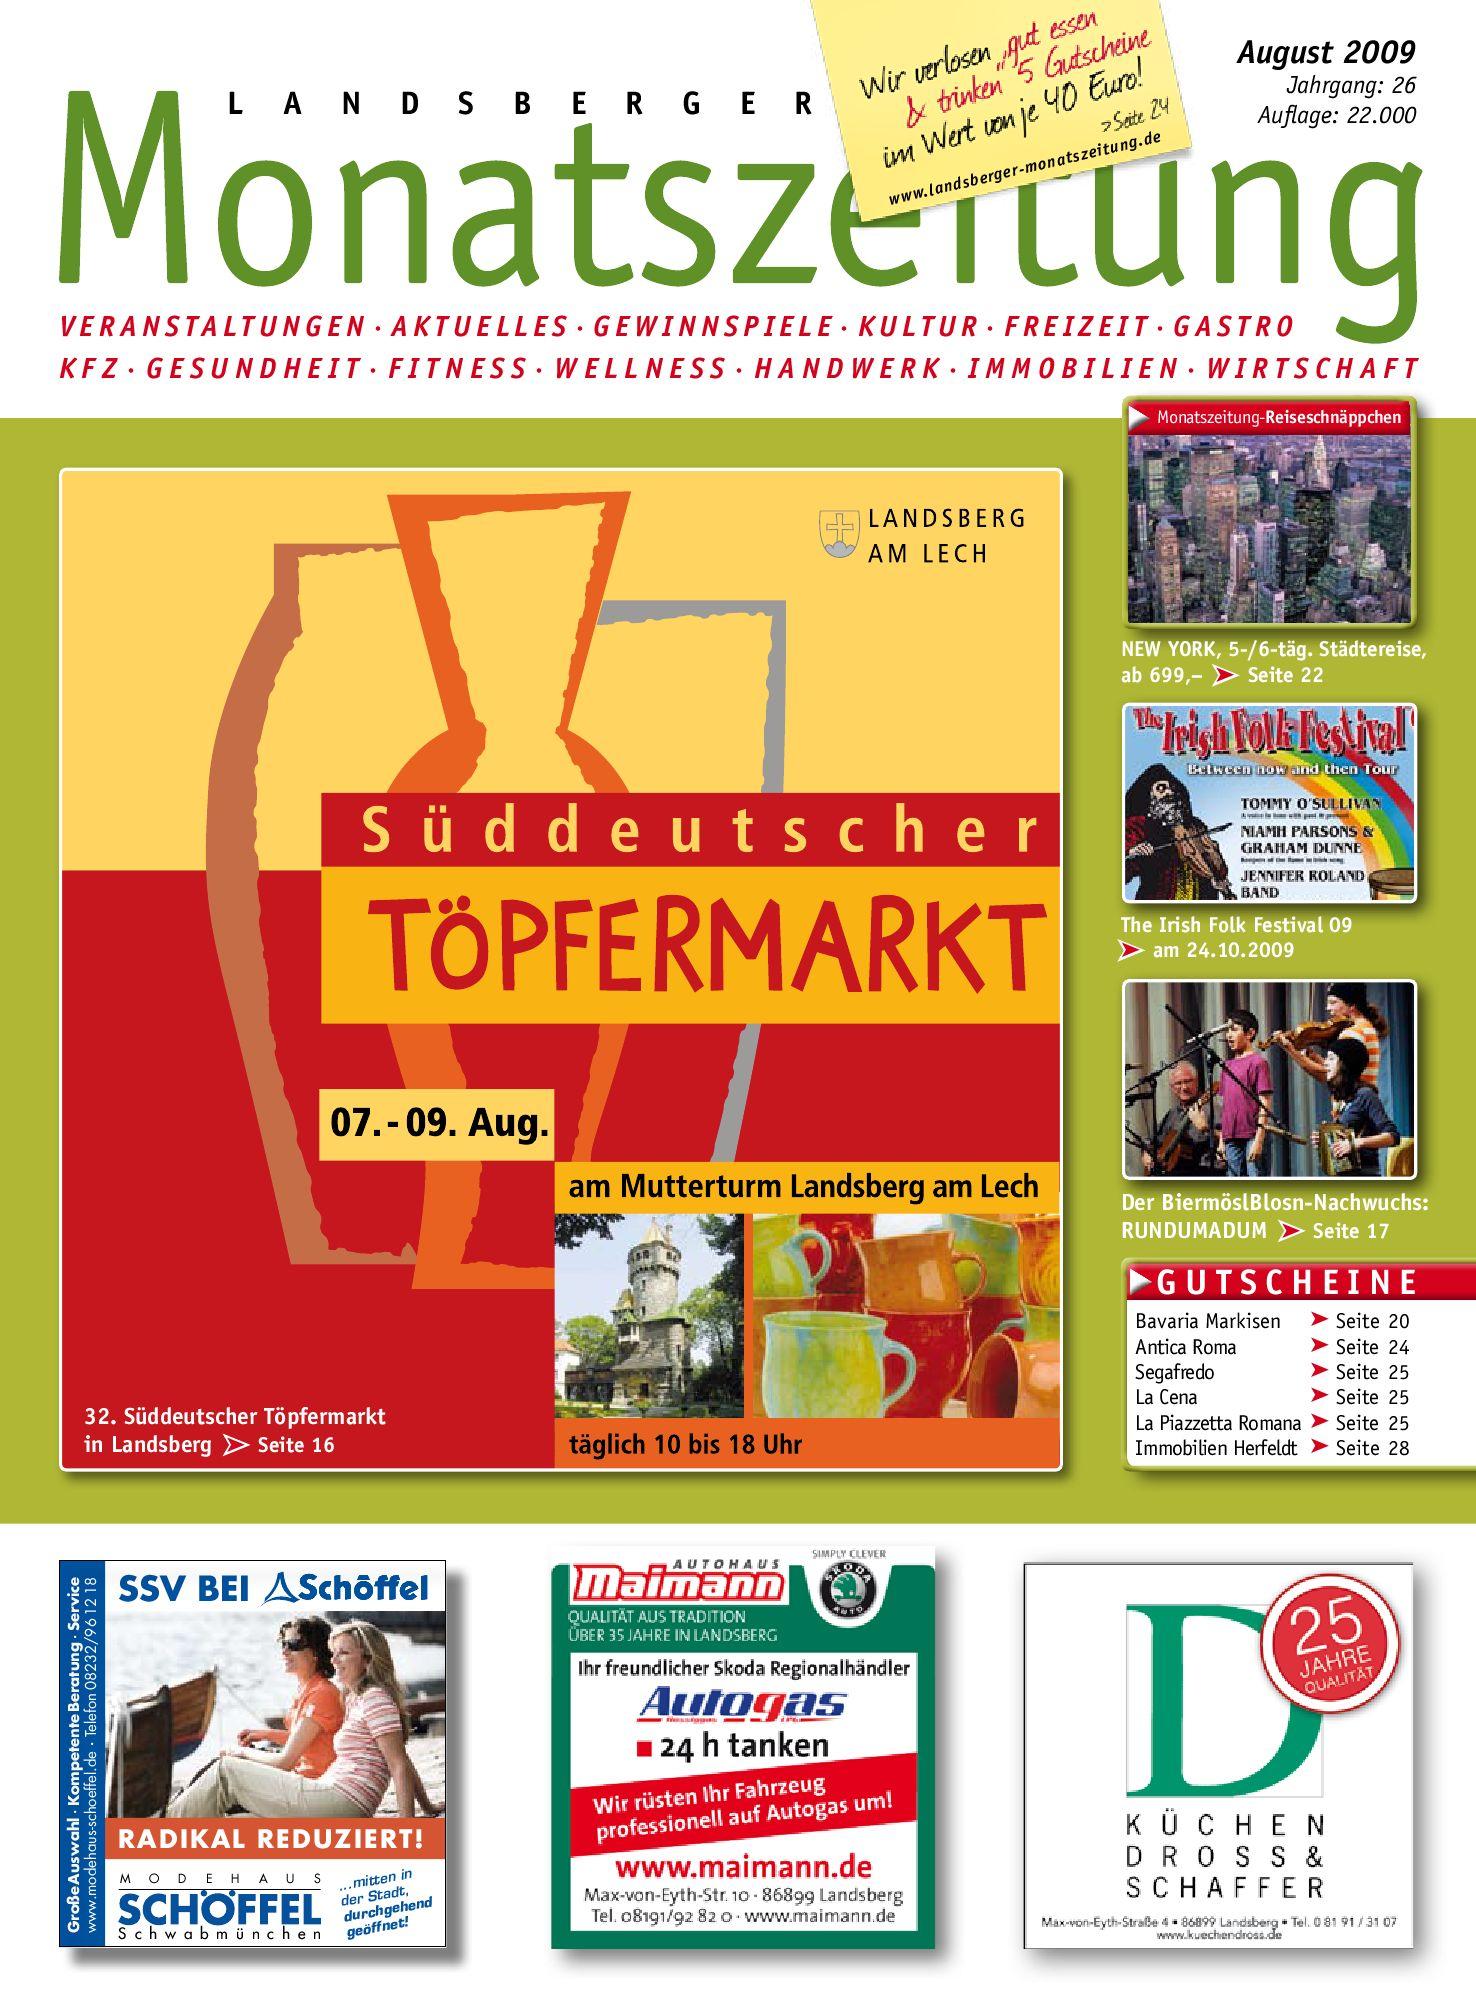 Landsberger Monatszeitung August 20 by Marcus Knöferl   issuu